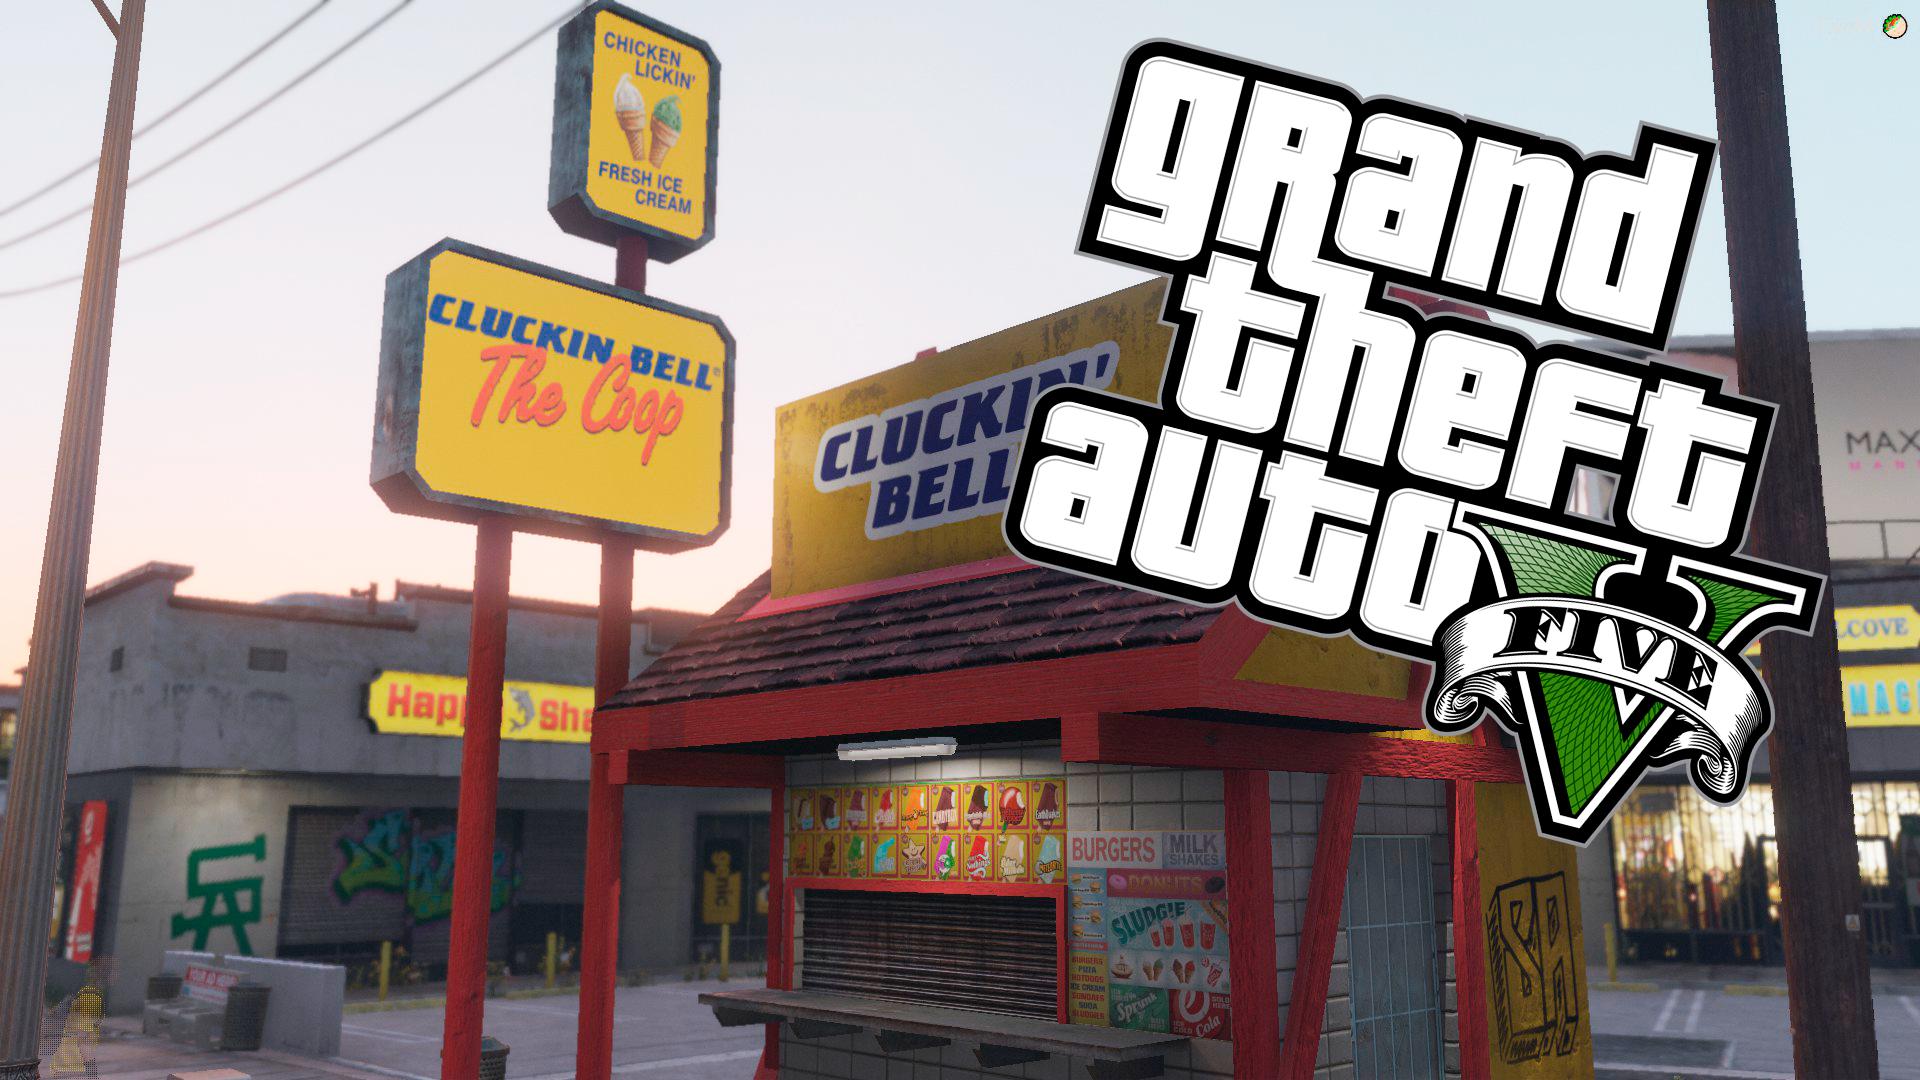 A Rockstar Games acabou criando um universo dentro da franquia GTA 5 que inclui as mais diversas marcas e muitas delas são parodias do mundo.